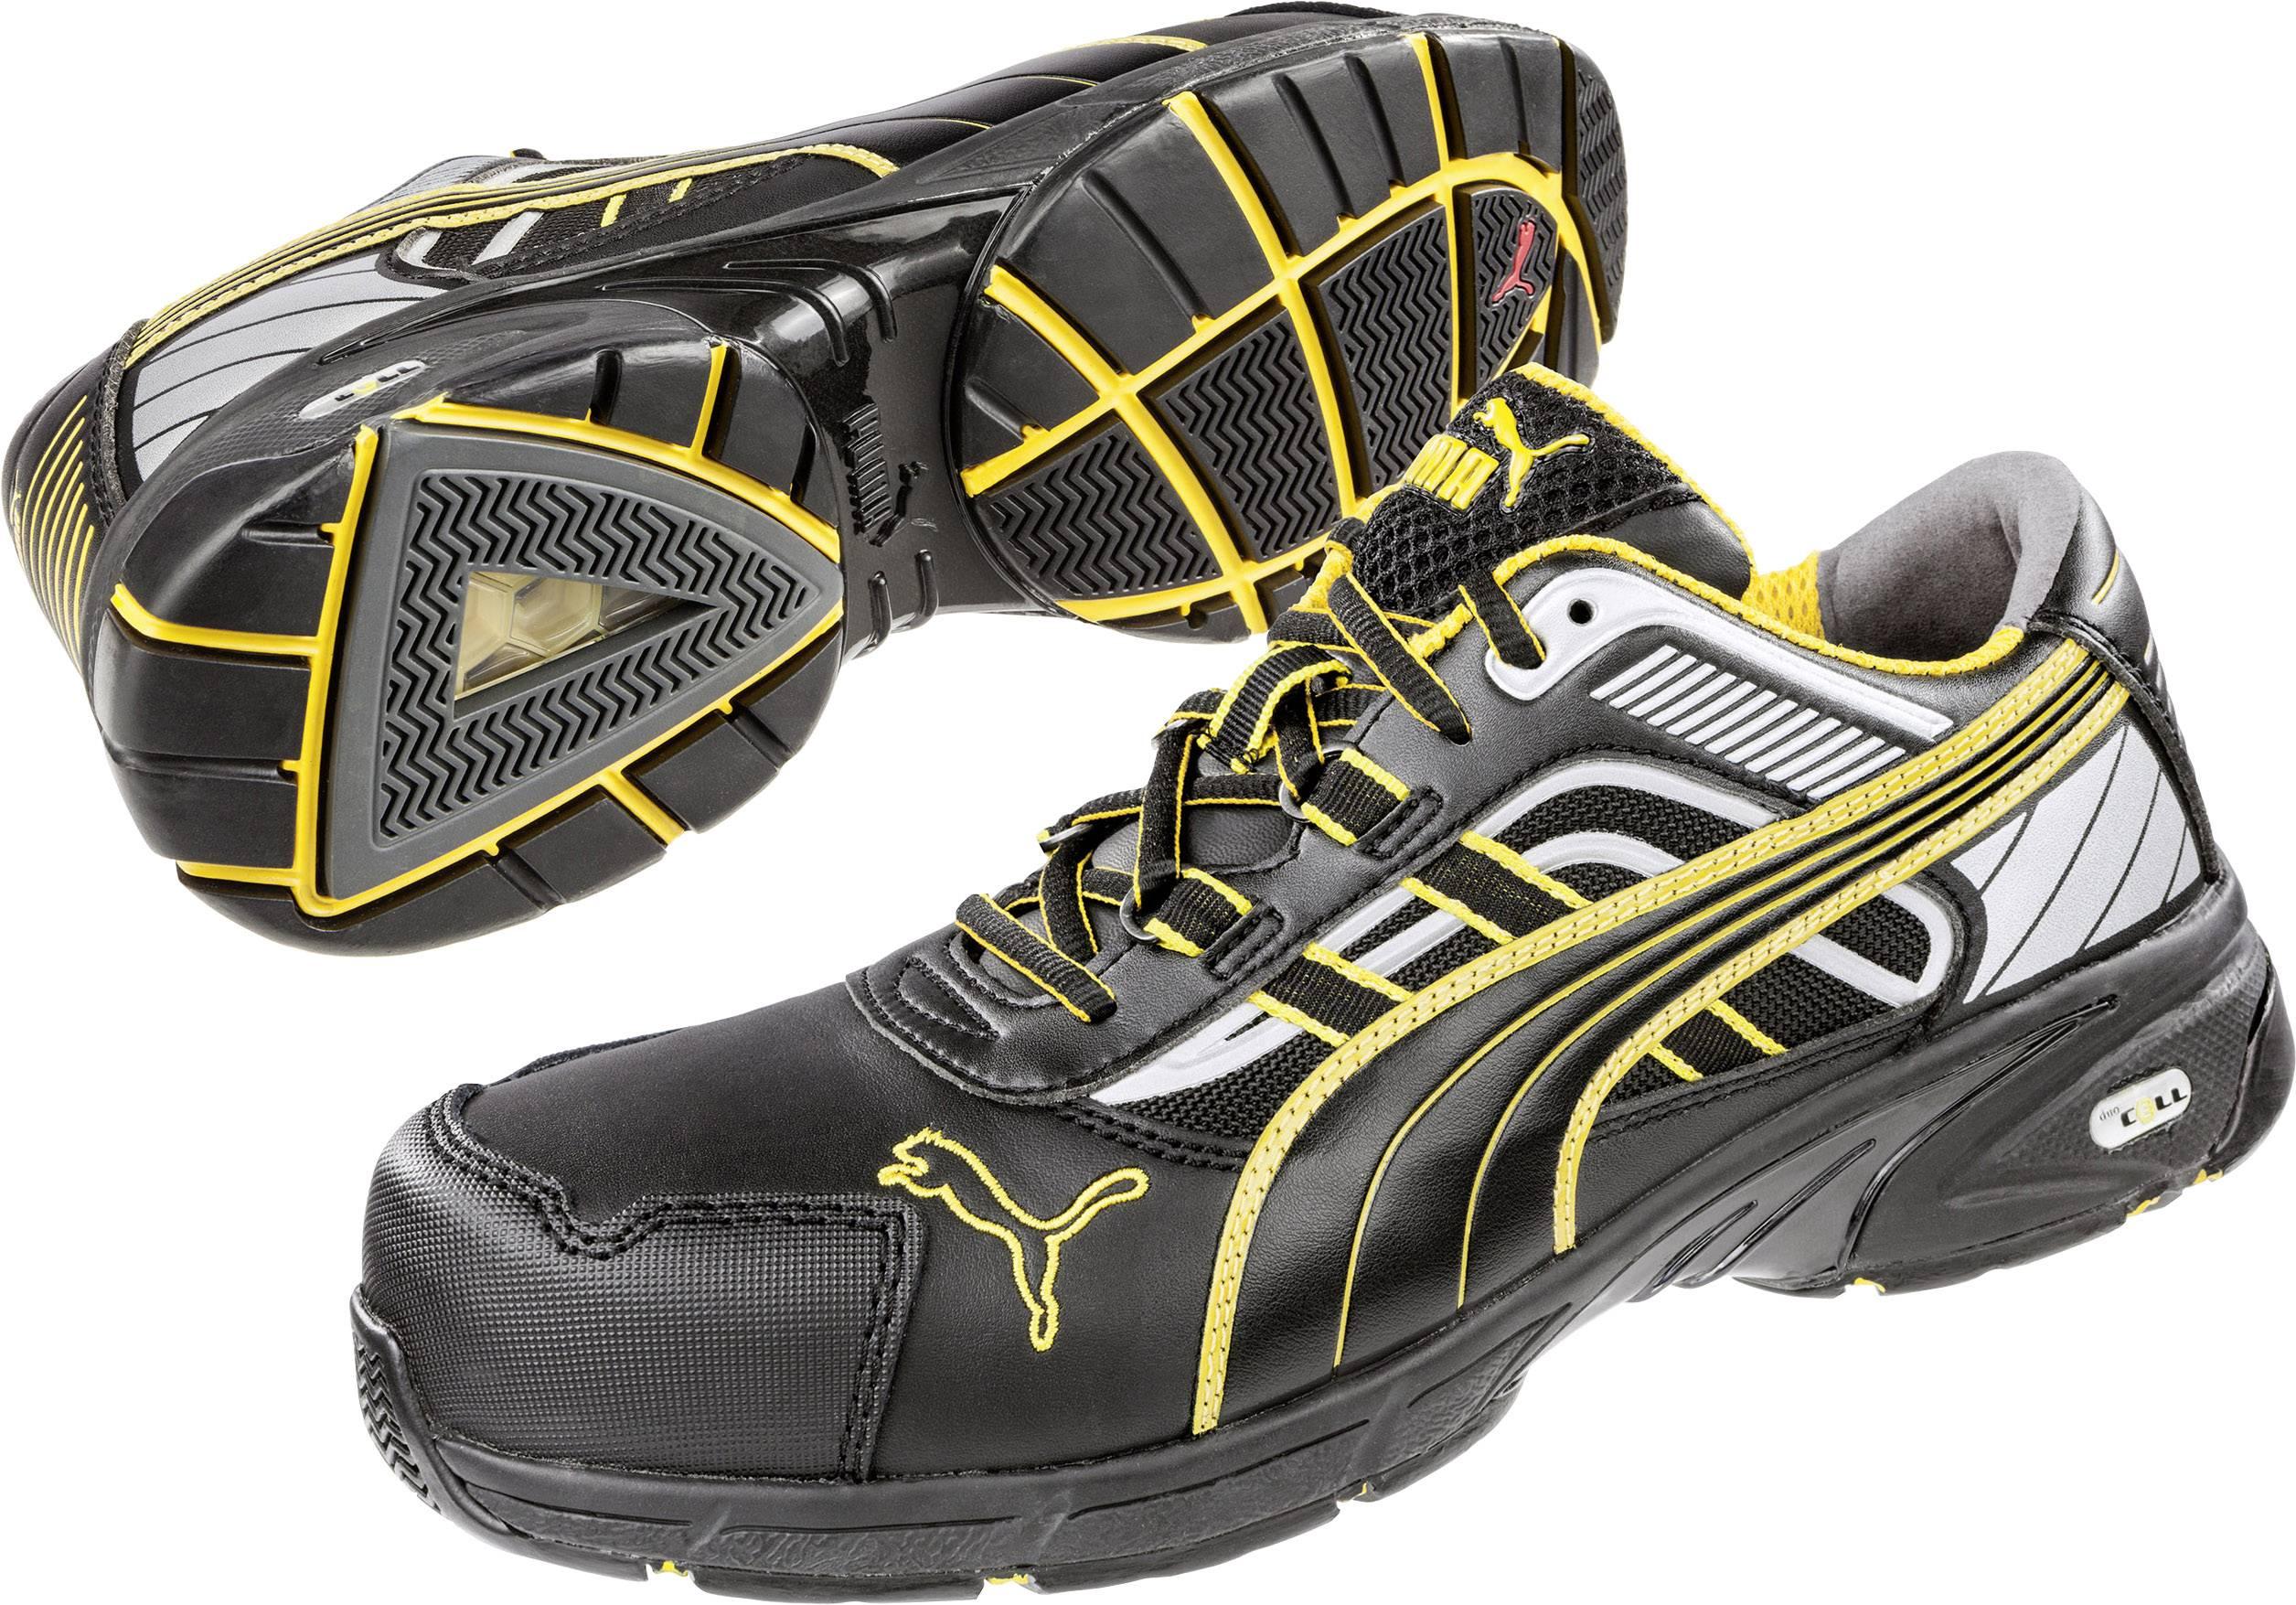 Bezpečnostní obuv S3 PUMA Safety Pace Black Low 642500, vel.: 46, černá, žlutá, 1 pár